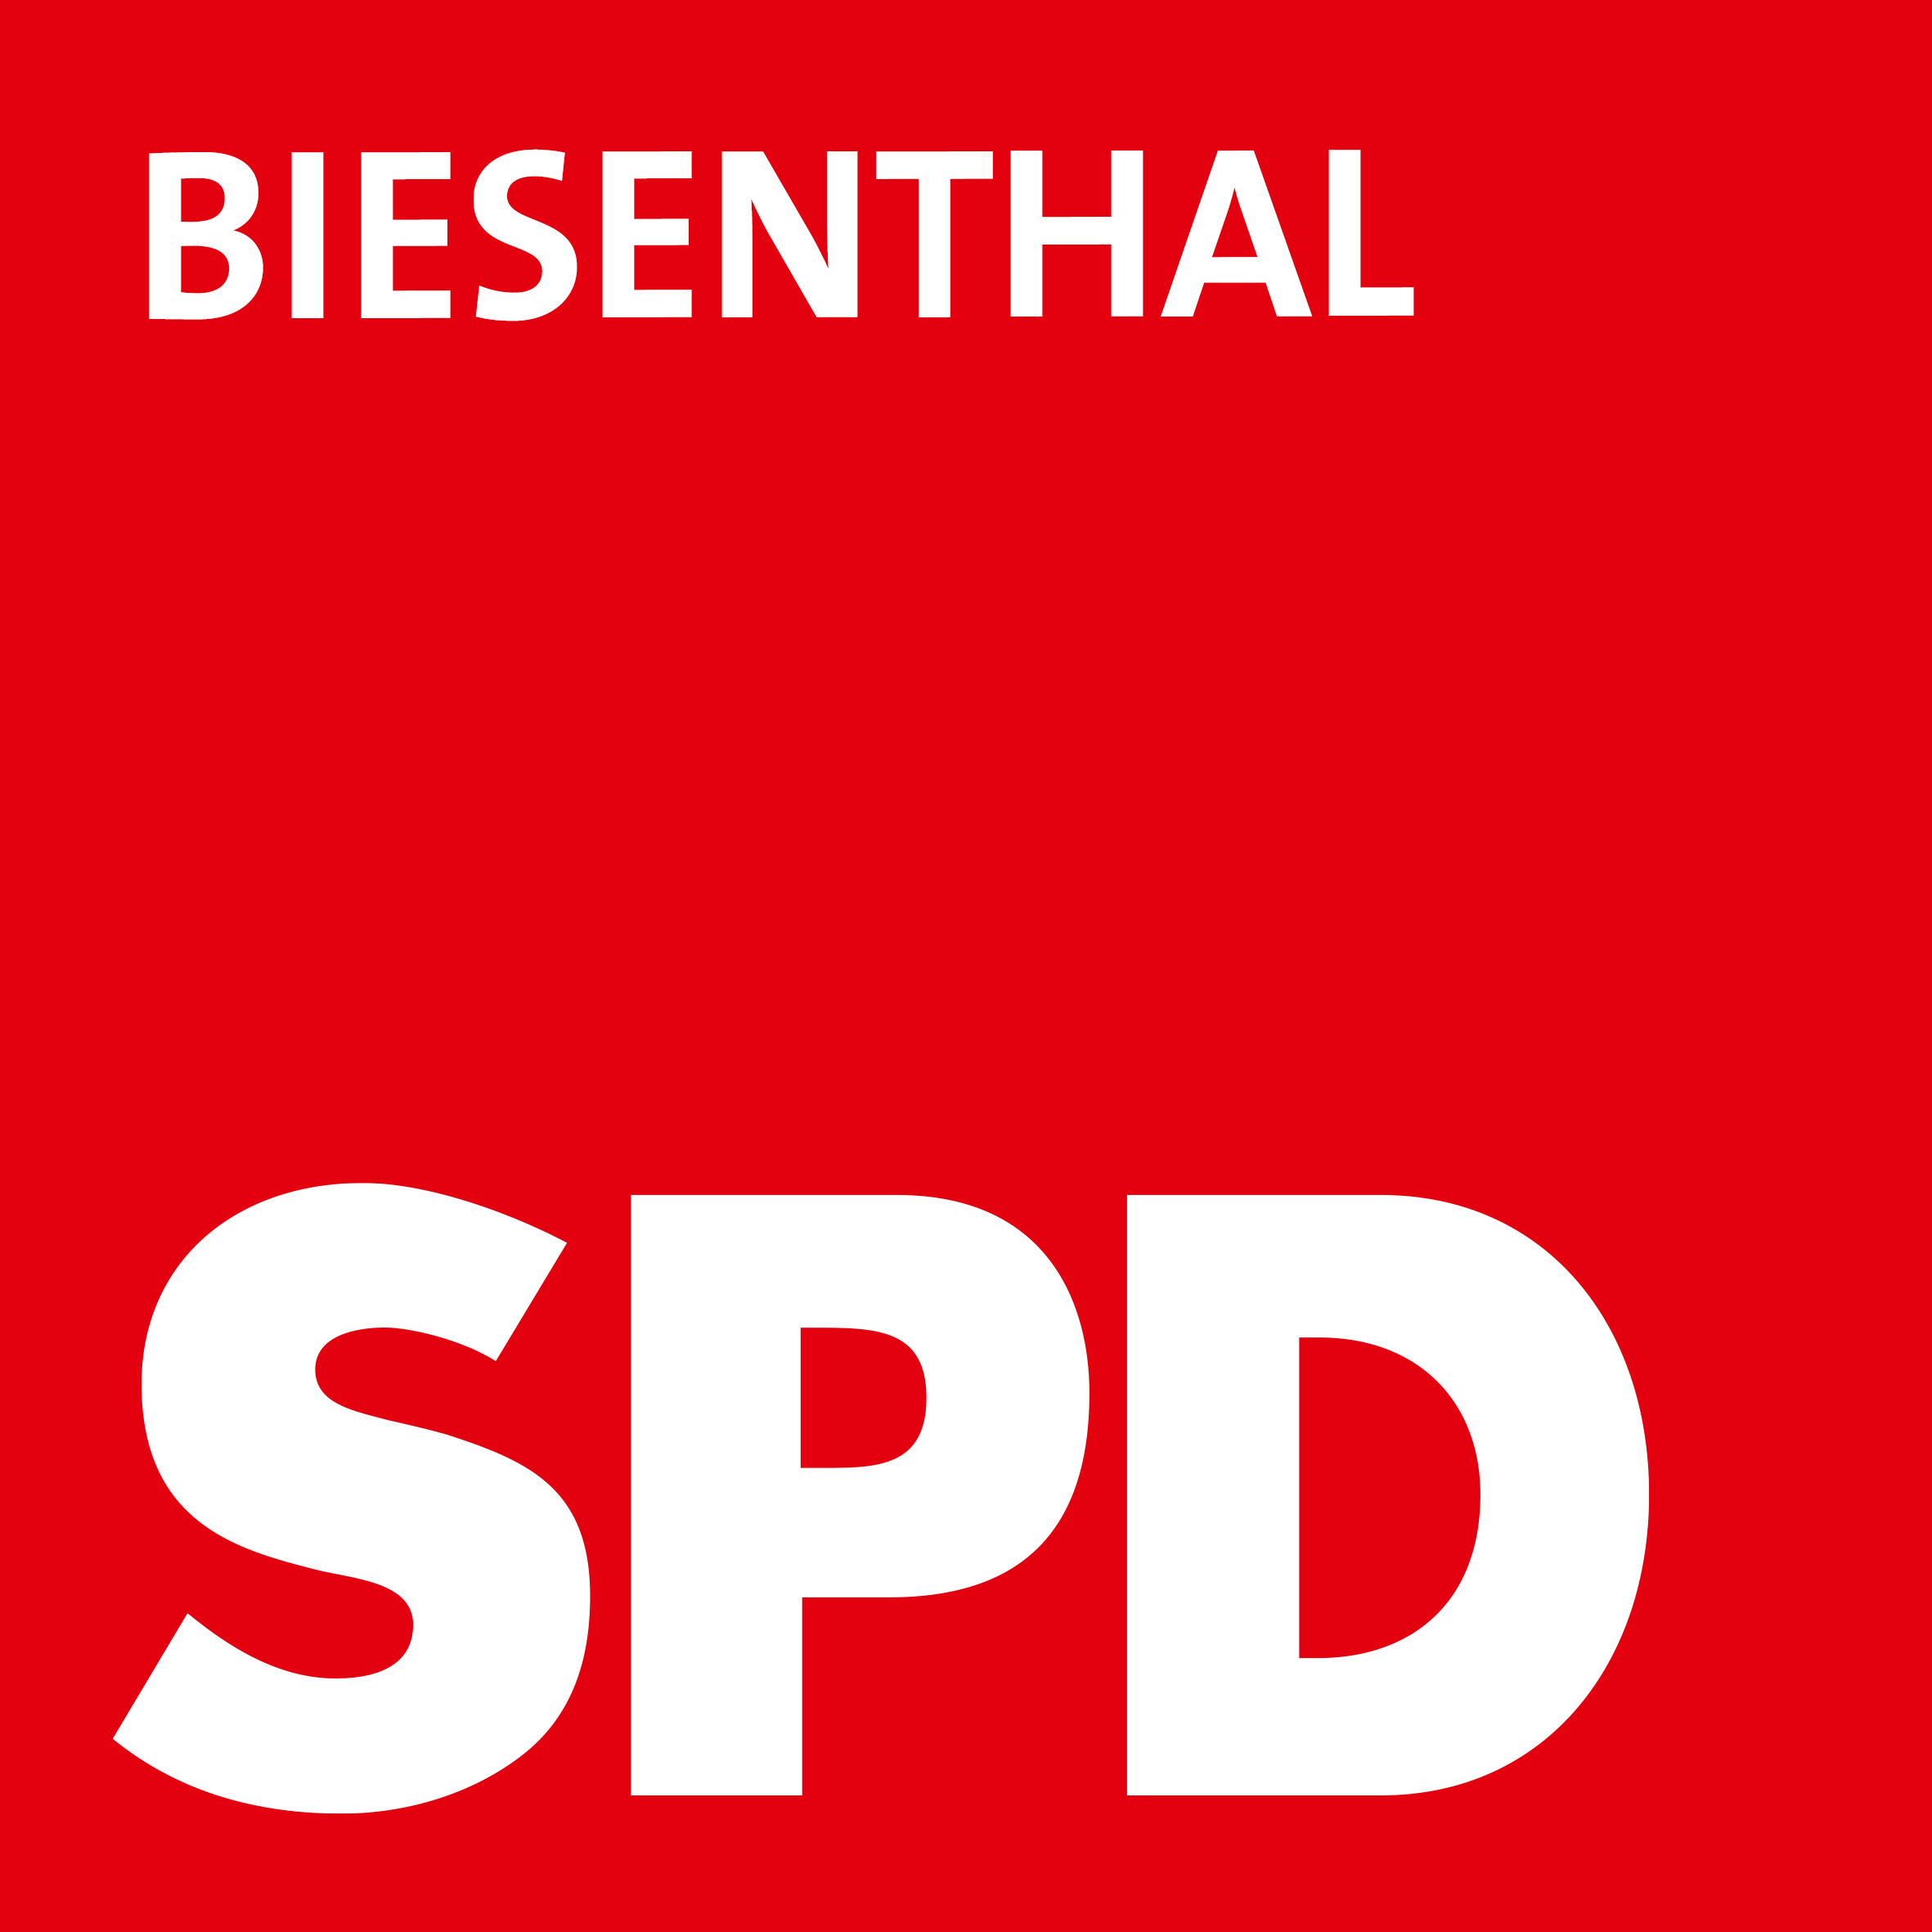 SPD Biesenthal